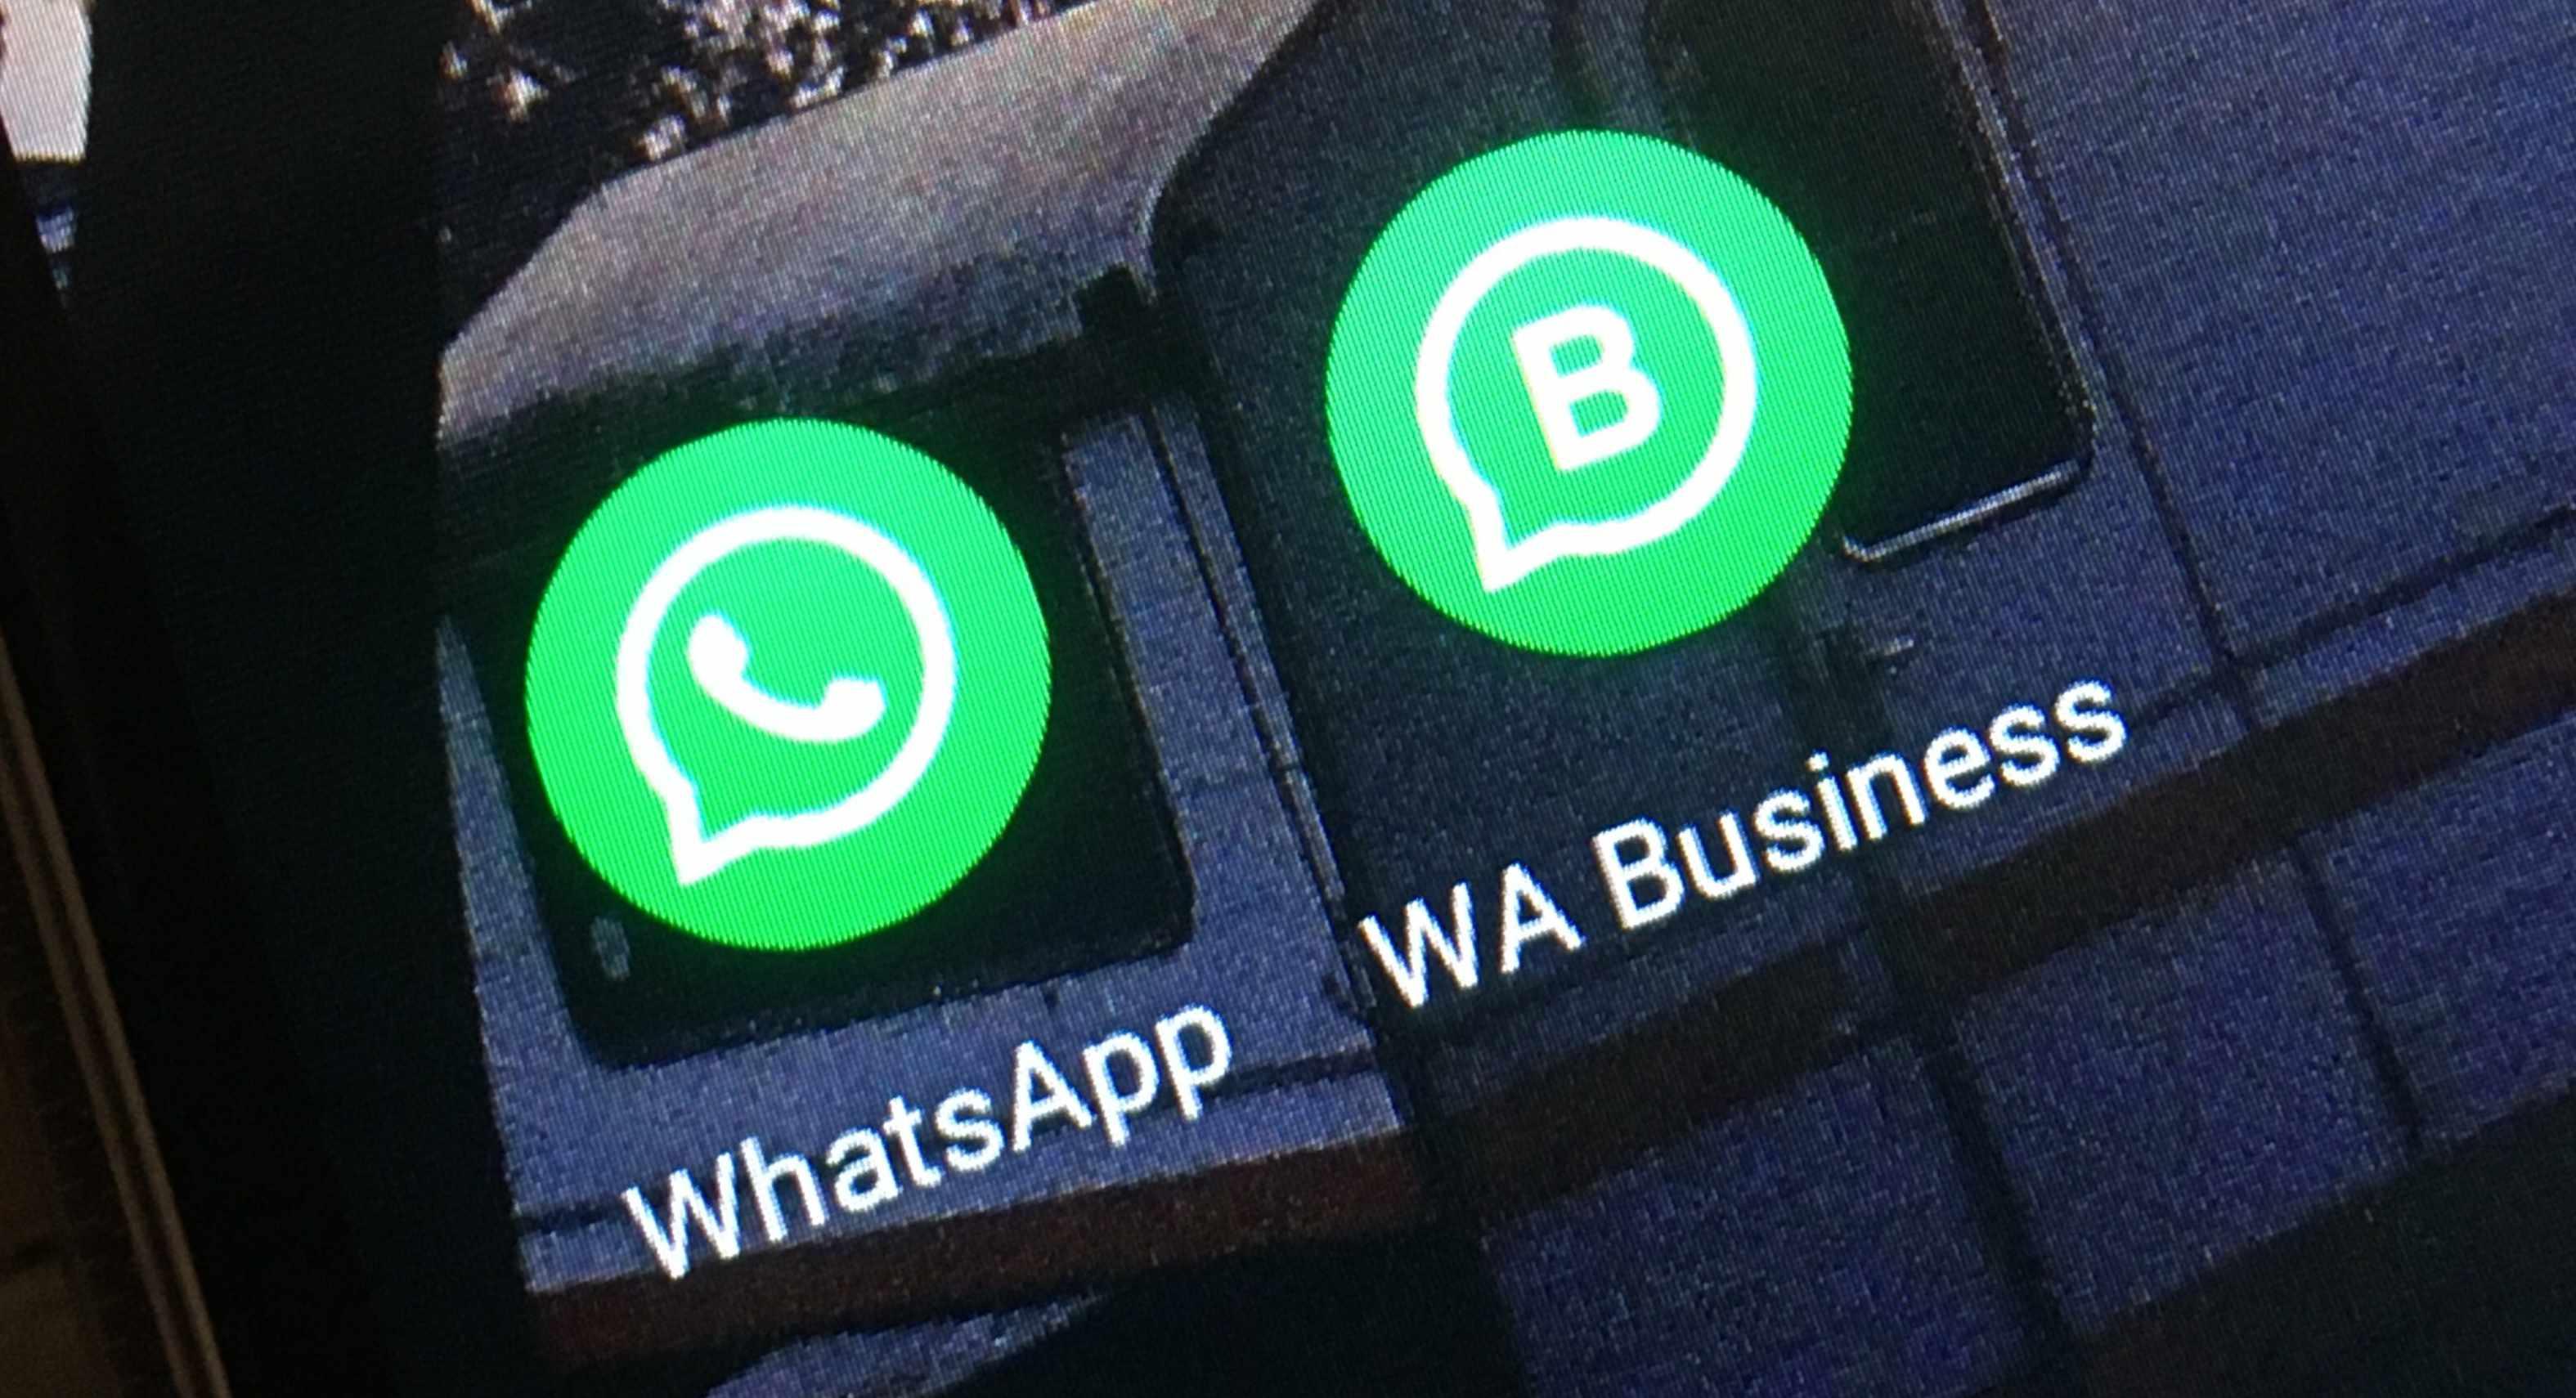 WhatsApp advierte a usuarios sobre la negativa de aceptar términos y condiciones